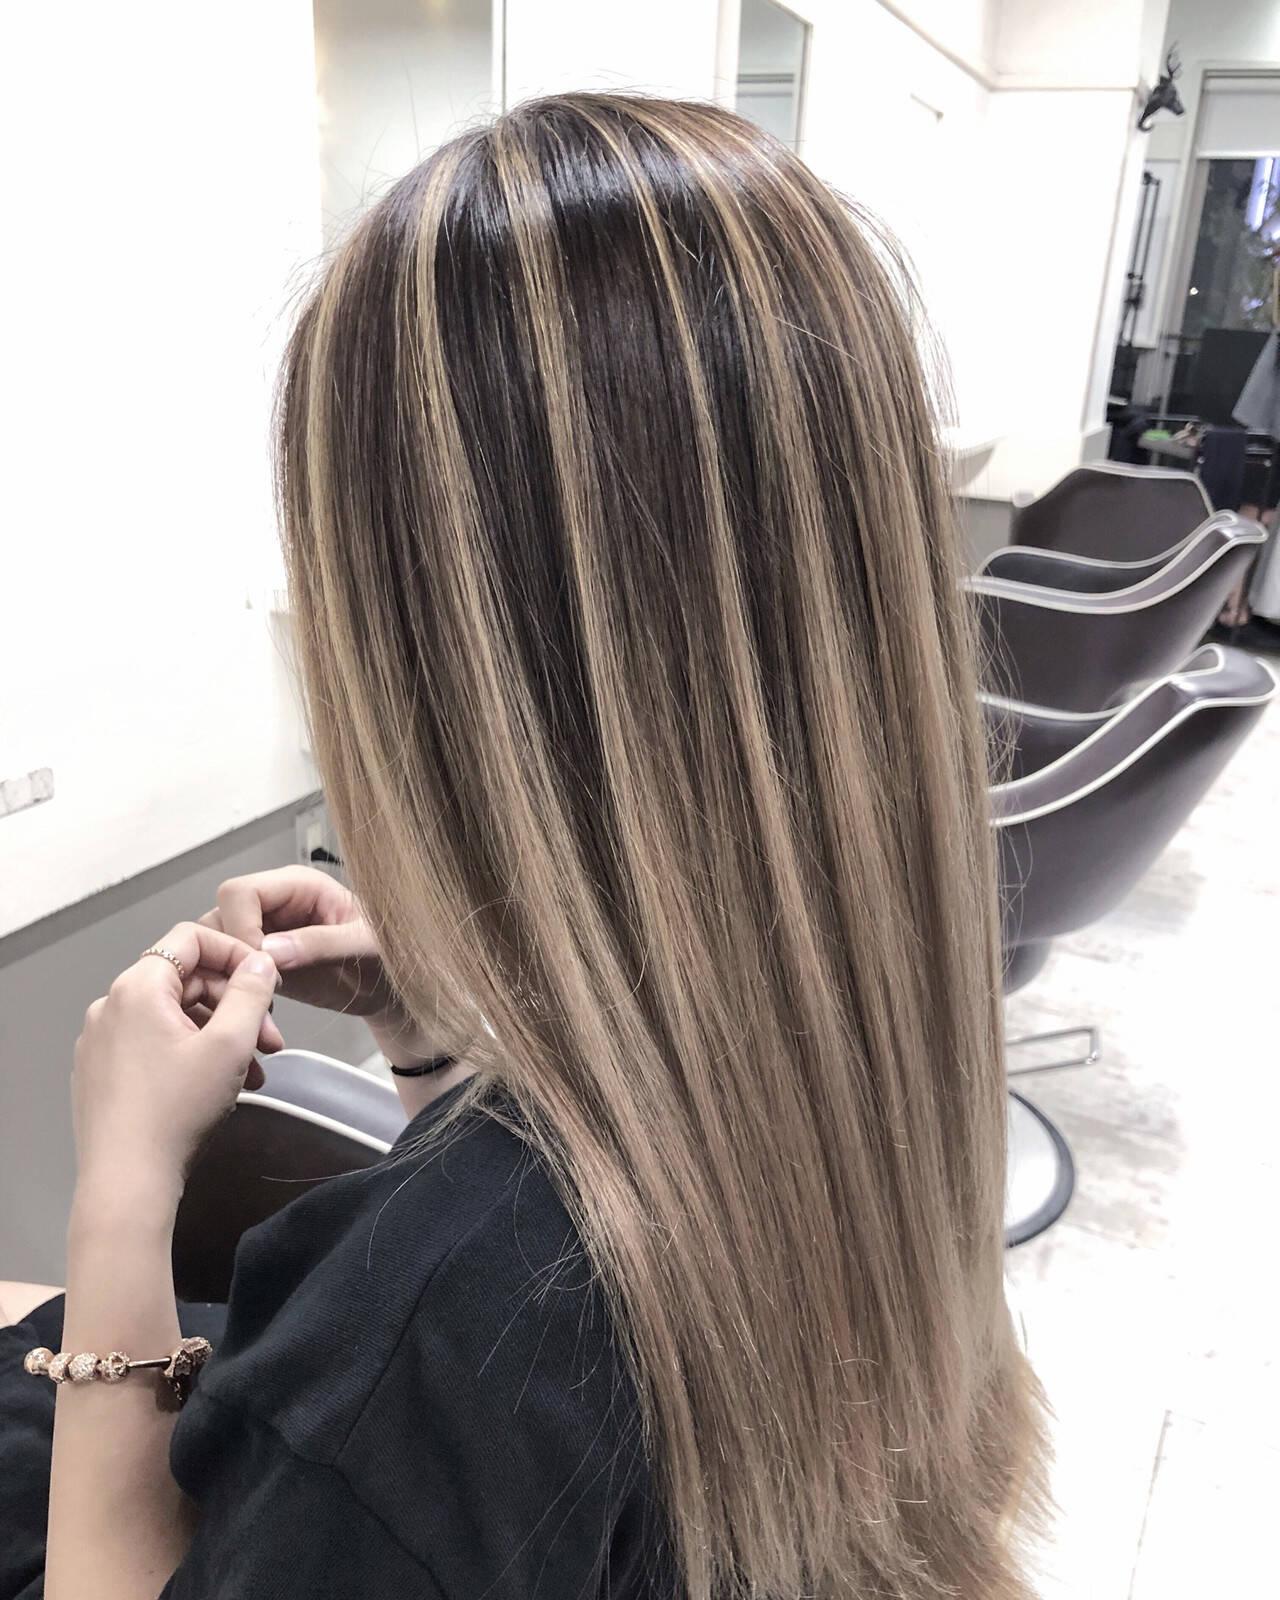 グレージュ コントラストハイライト バレイヤージュ 外国人風カラーヘアスタイルや髪型の写真・画像